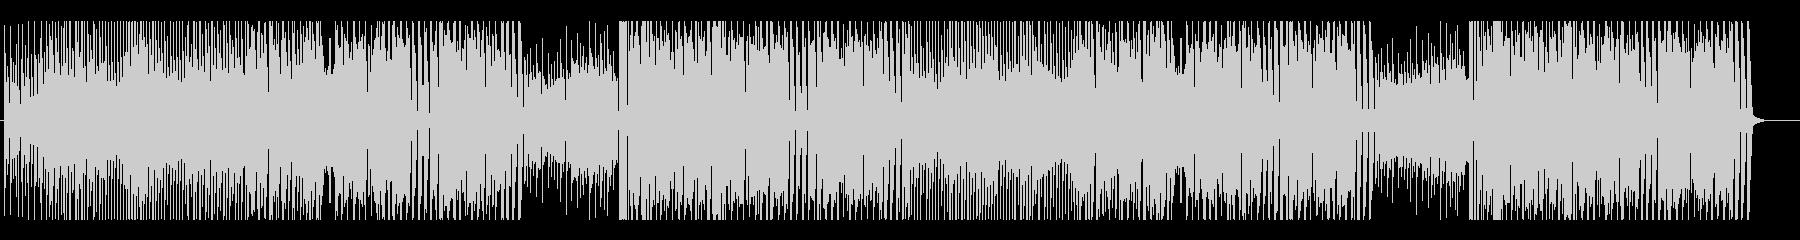 ダンサブルでパワフルなエレクトロポップの未再生の波形